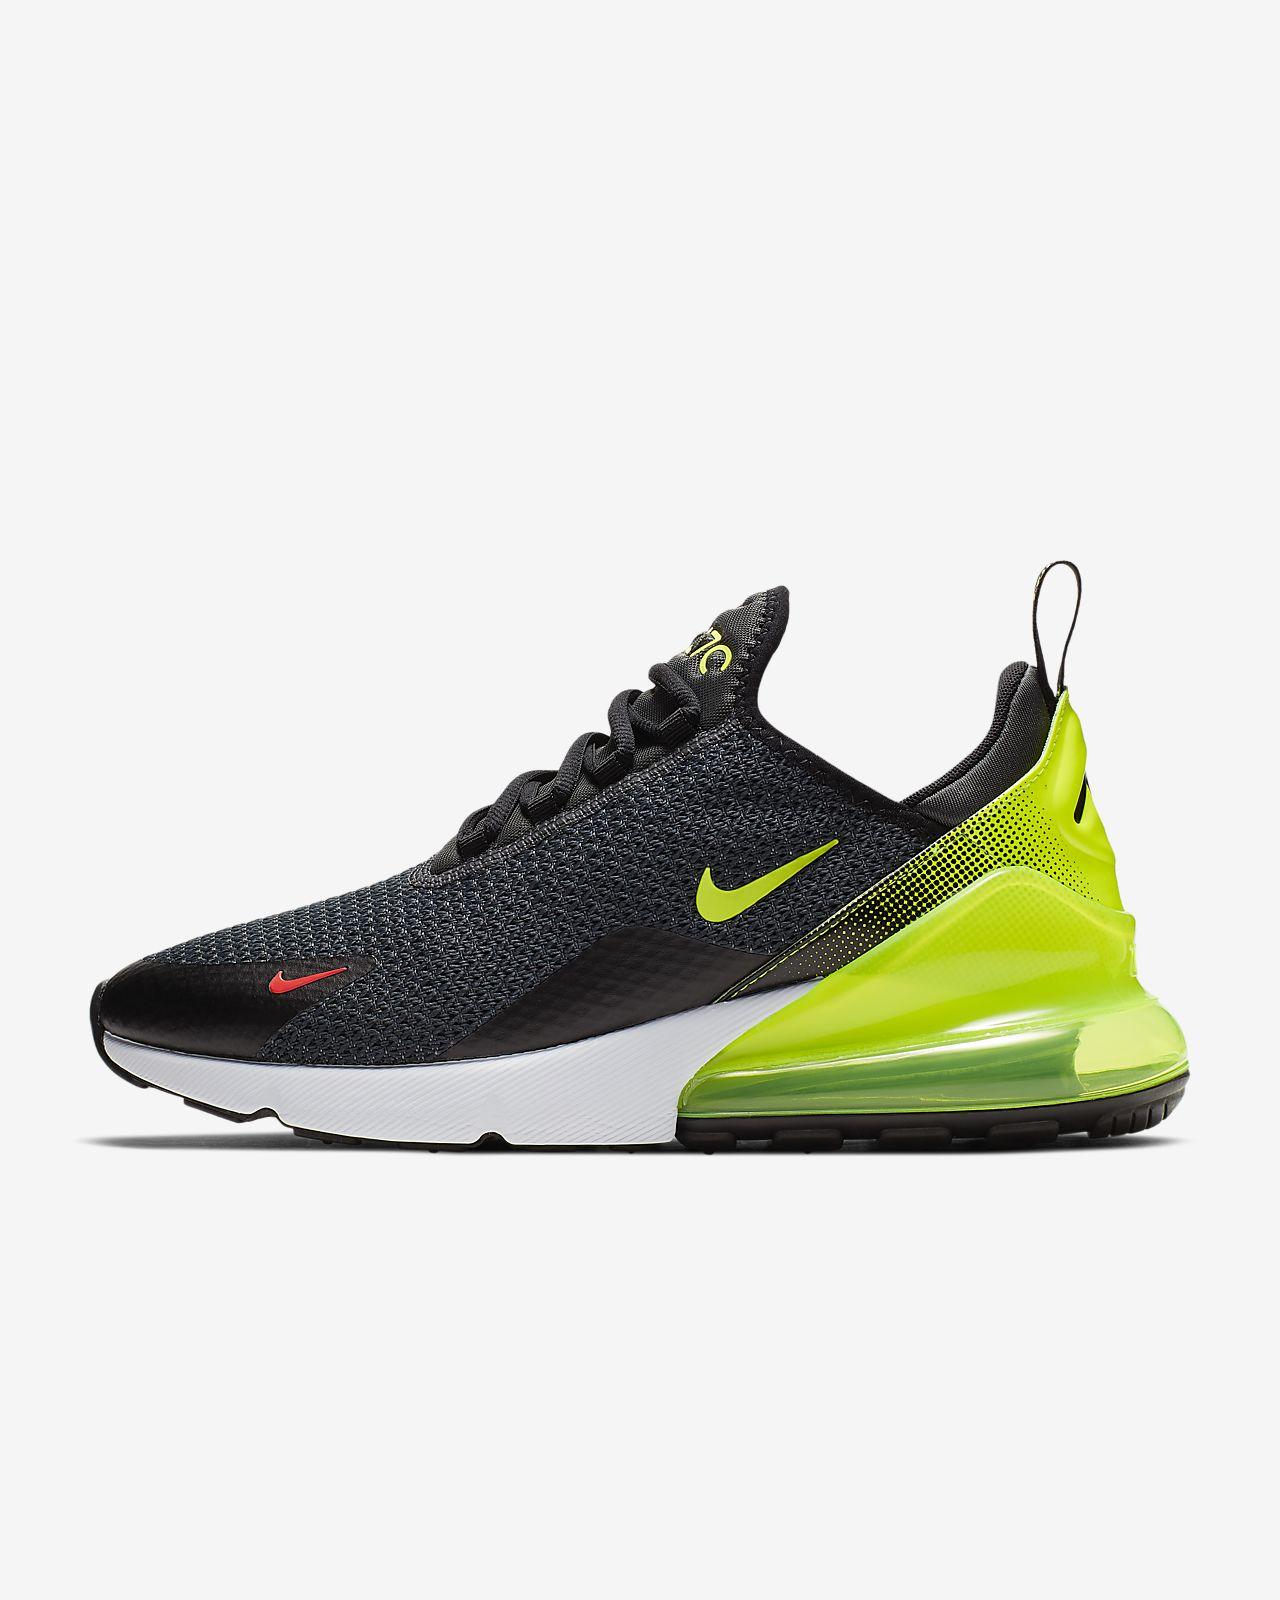 prezzo competitivo 8b5e8 69077 Scarpa Nike Air Max 270 SE - Uomo